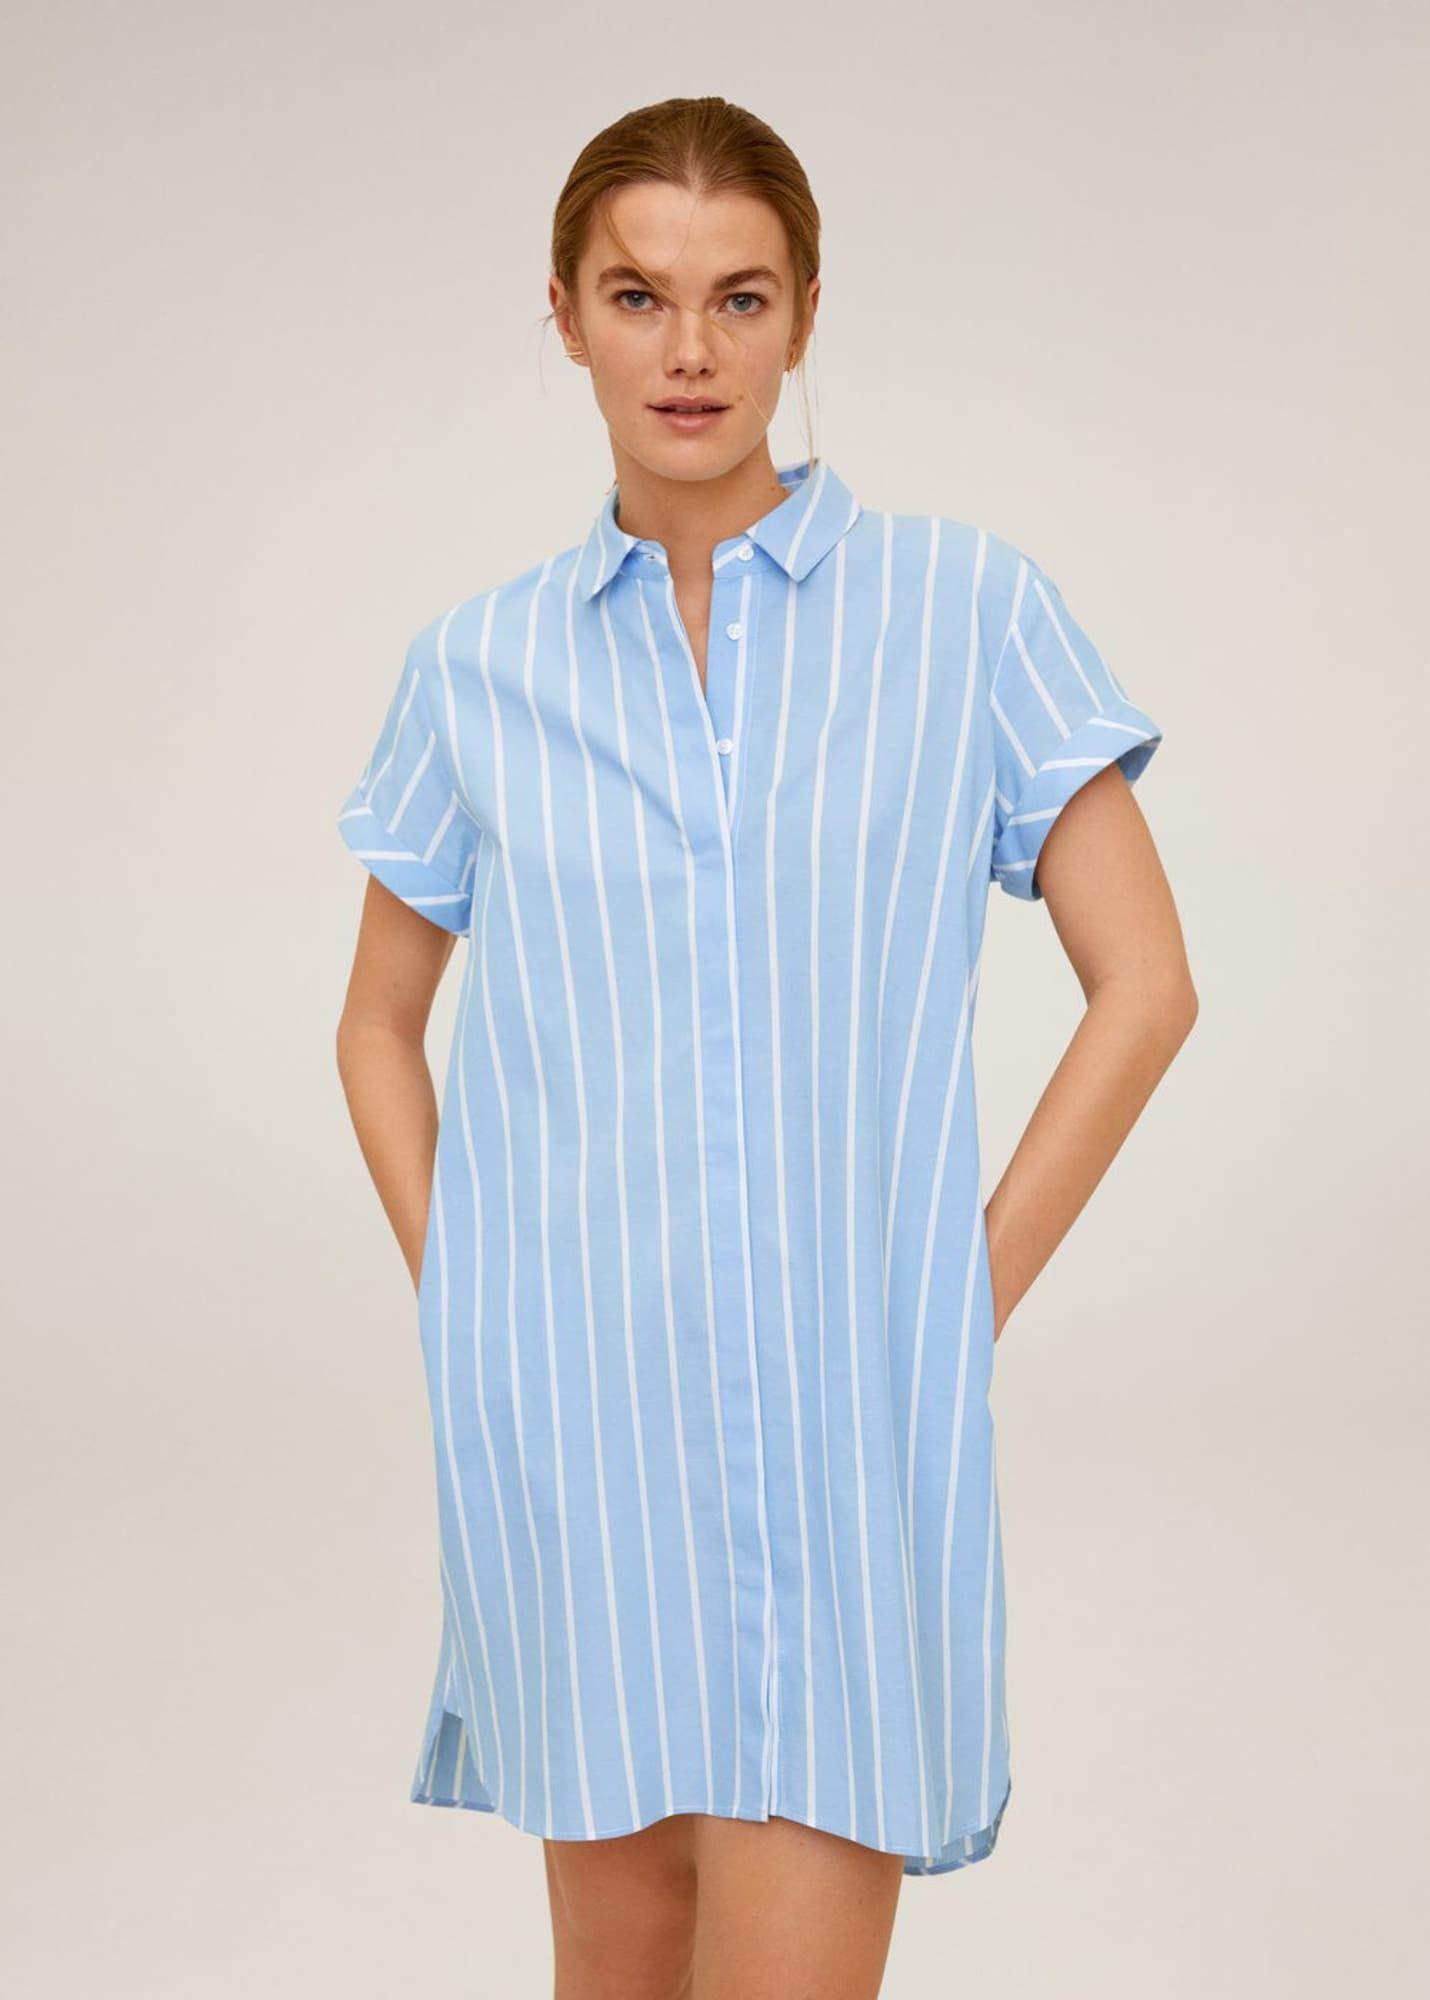 pin von angie katerine auf moda | gestreiftes hemdkleid